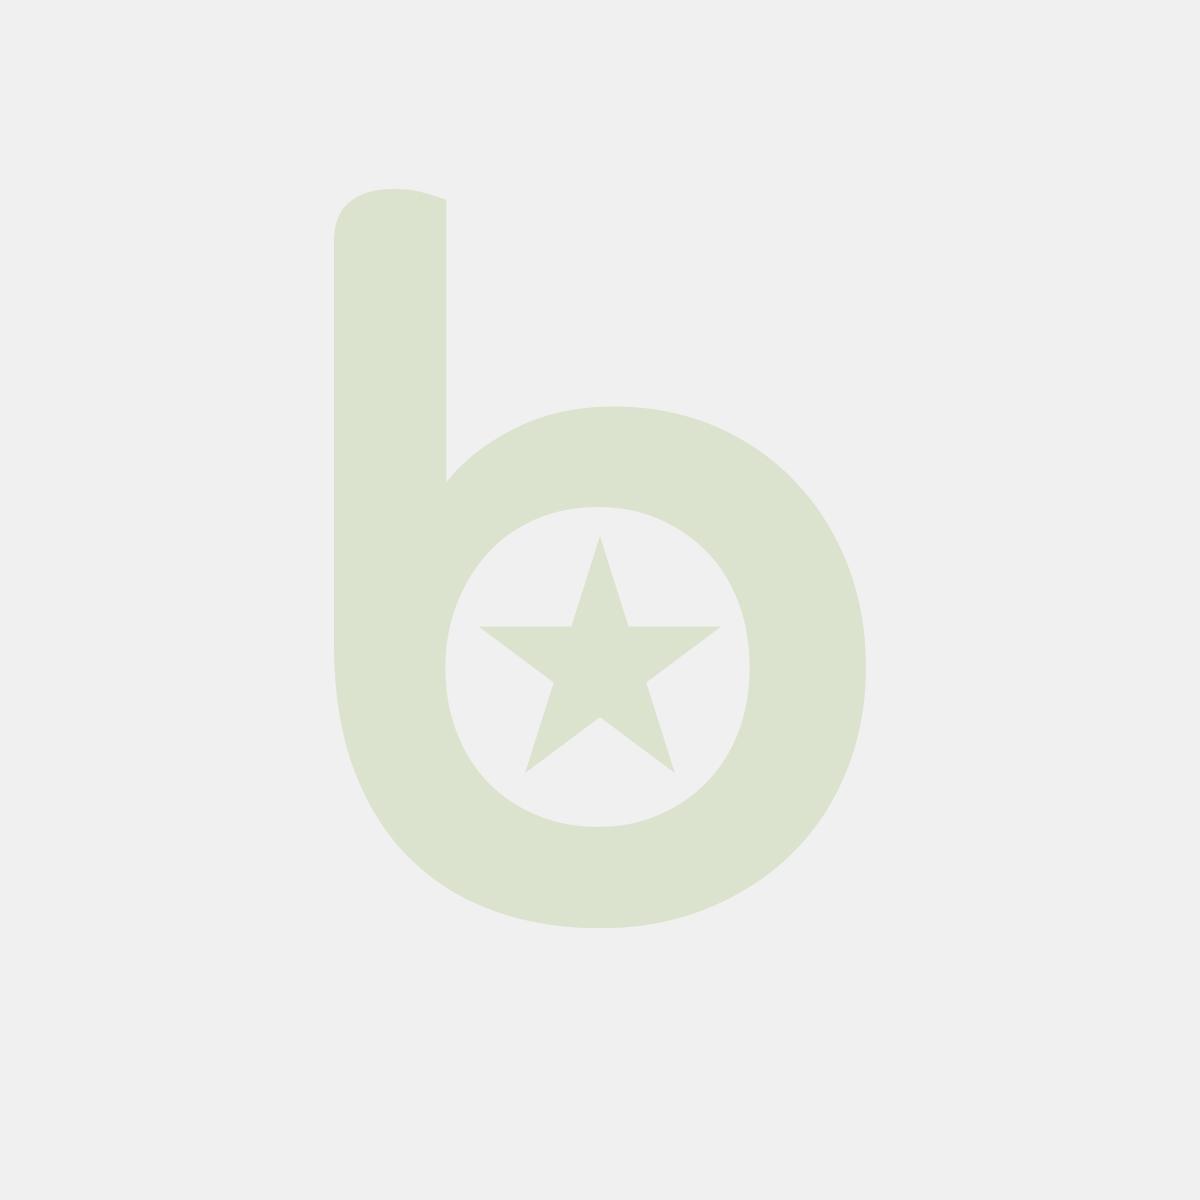 Etykiety Emerson, samoprzylepne, 100 arkuszy, 1400 etykiet, eta4105*424, 105x42,4mm